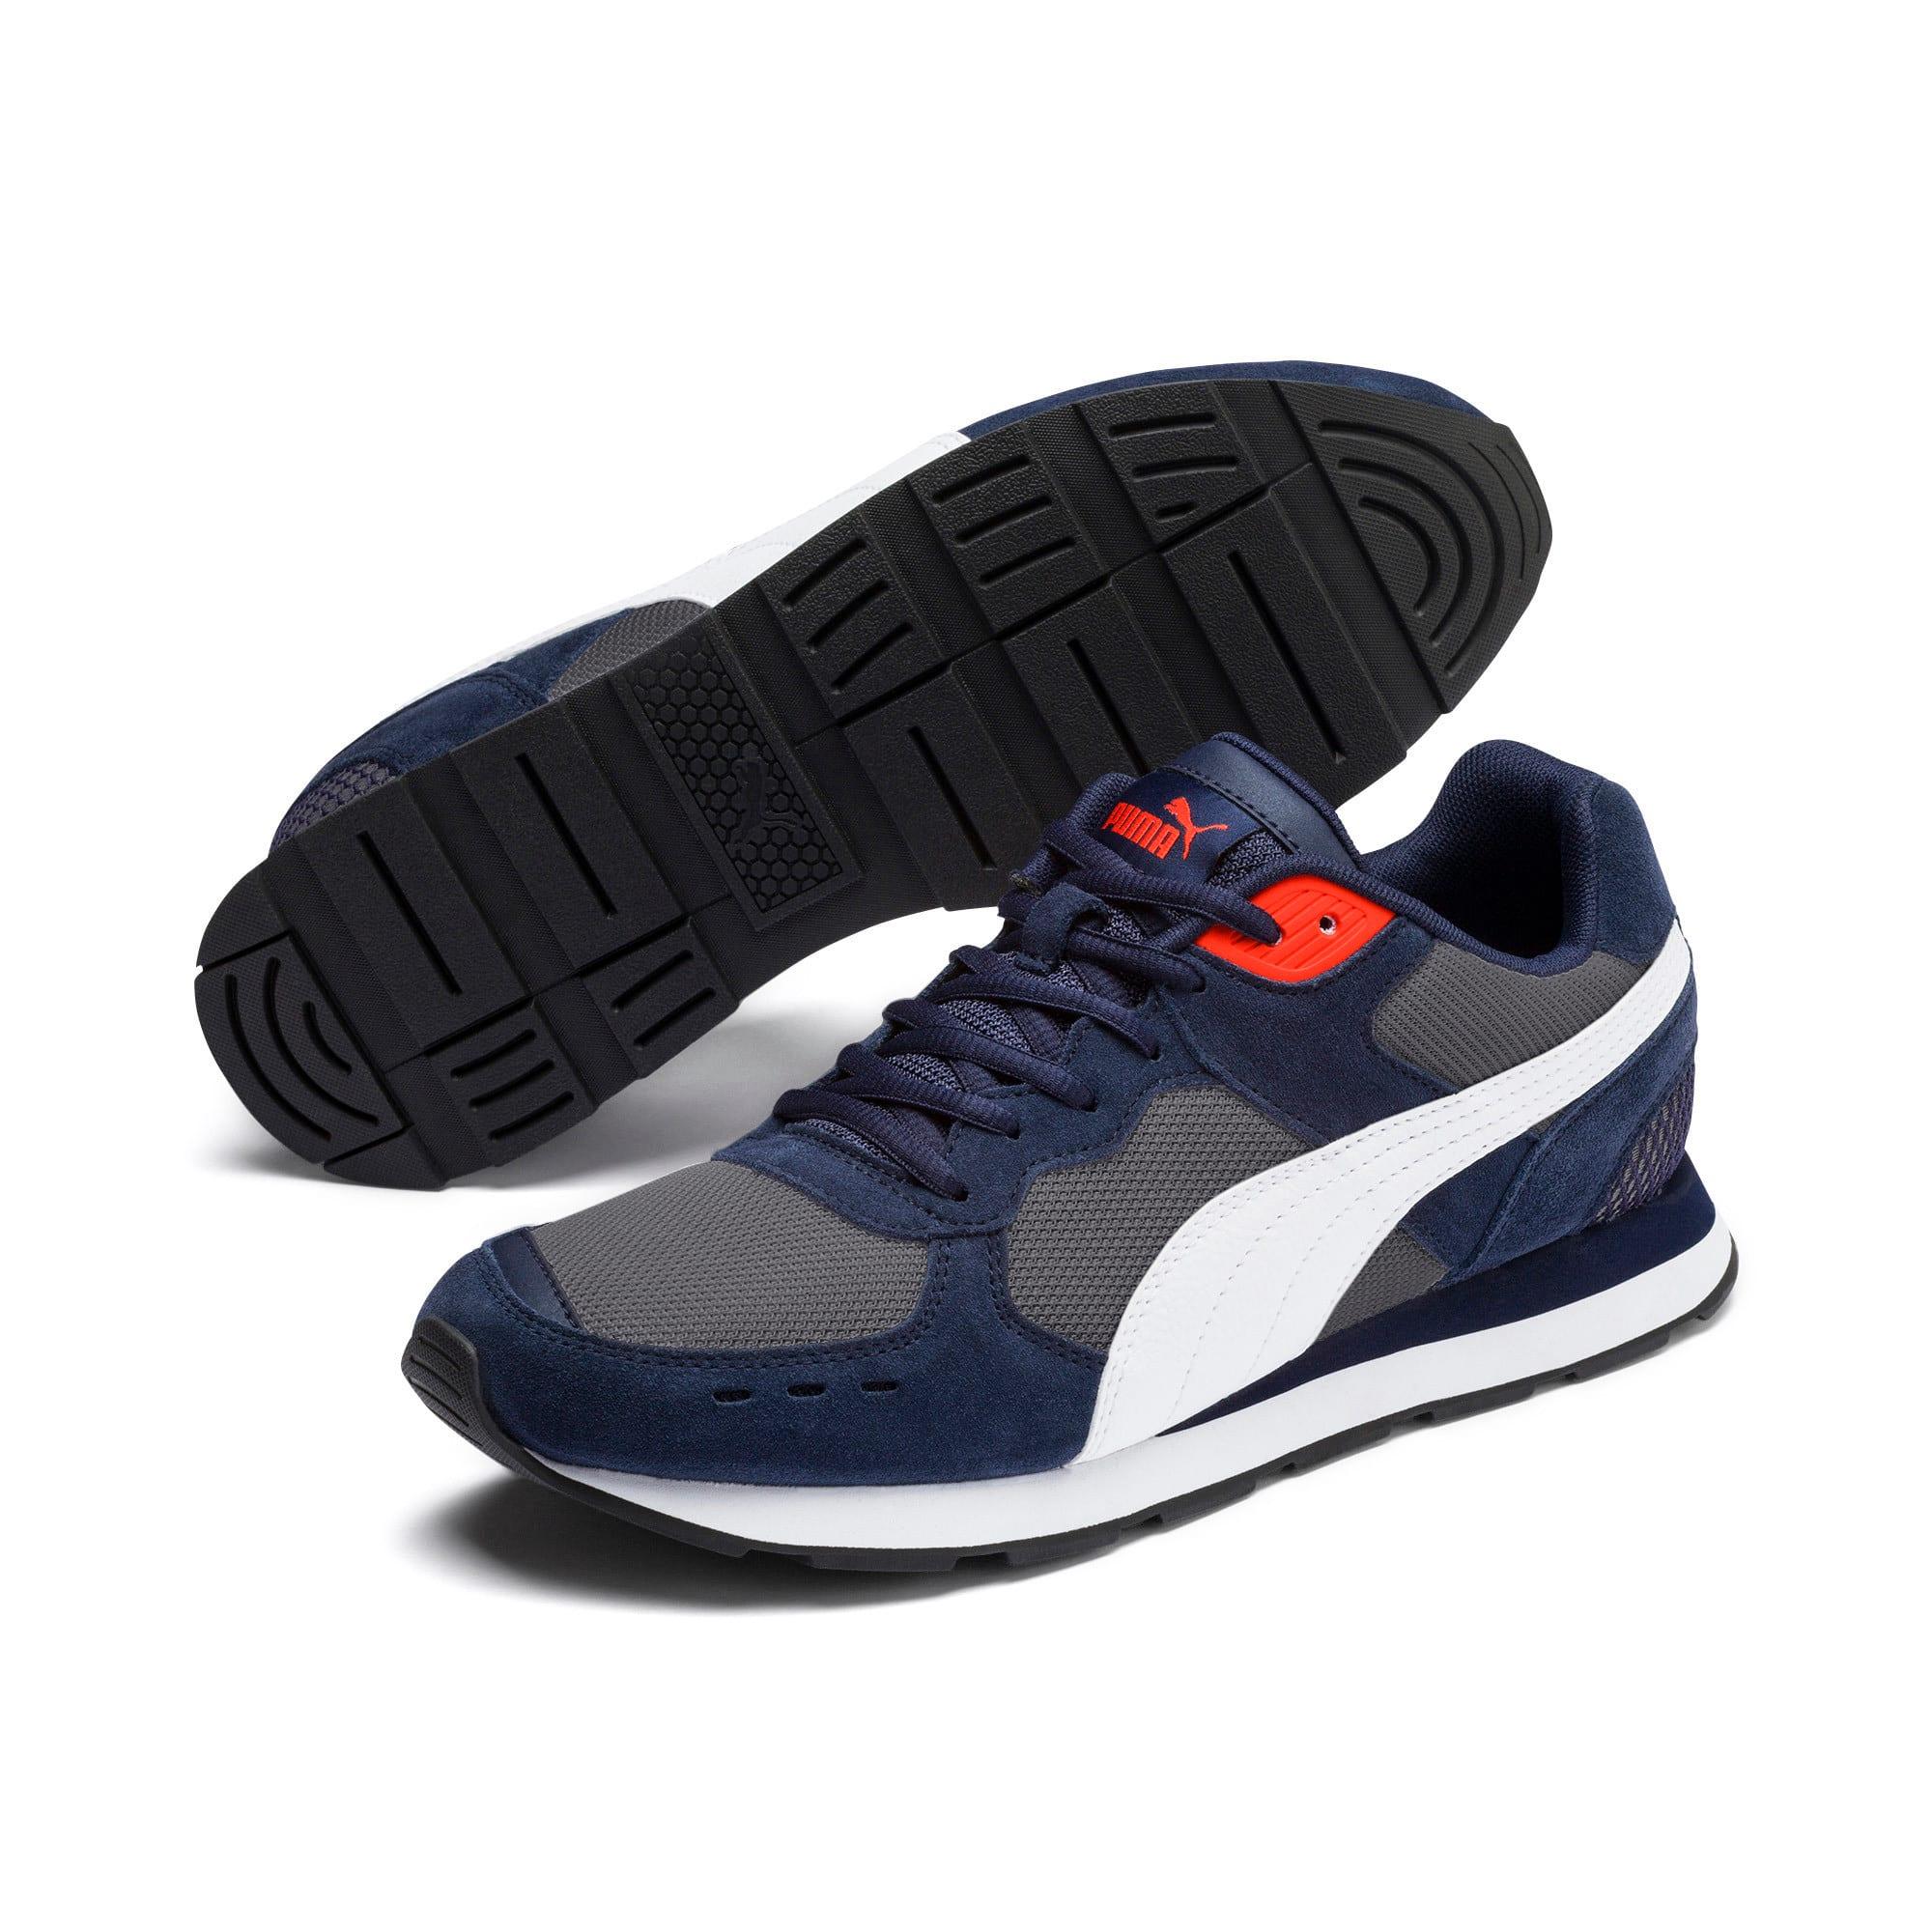 Miniatura 3 de Zapatos deportivos Vista, Peacoat-Puma White, mediano